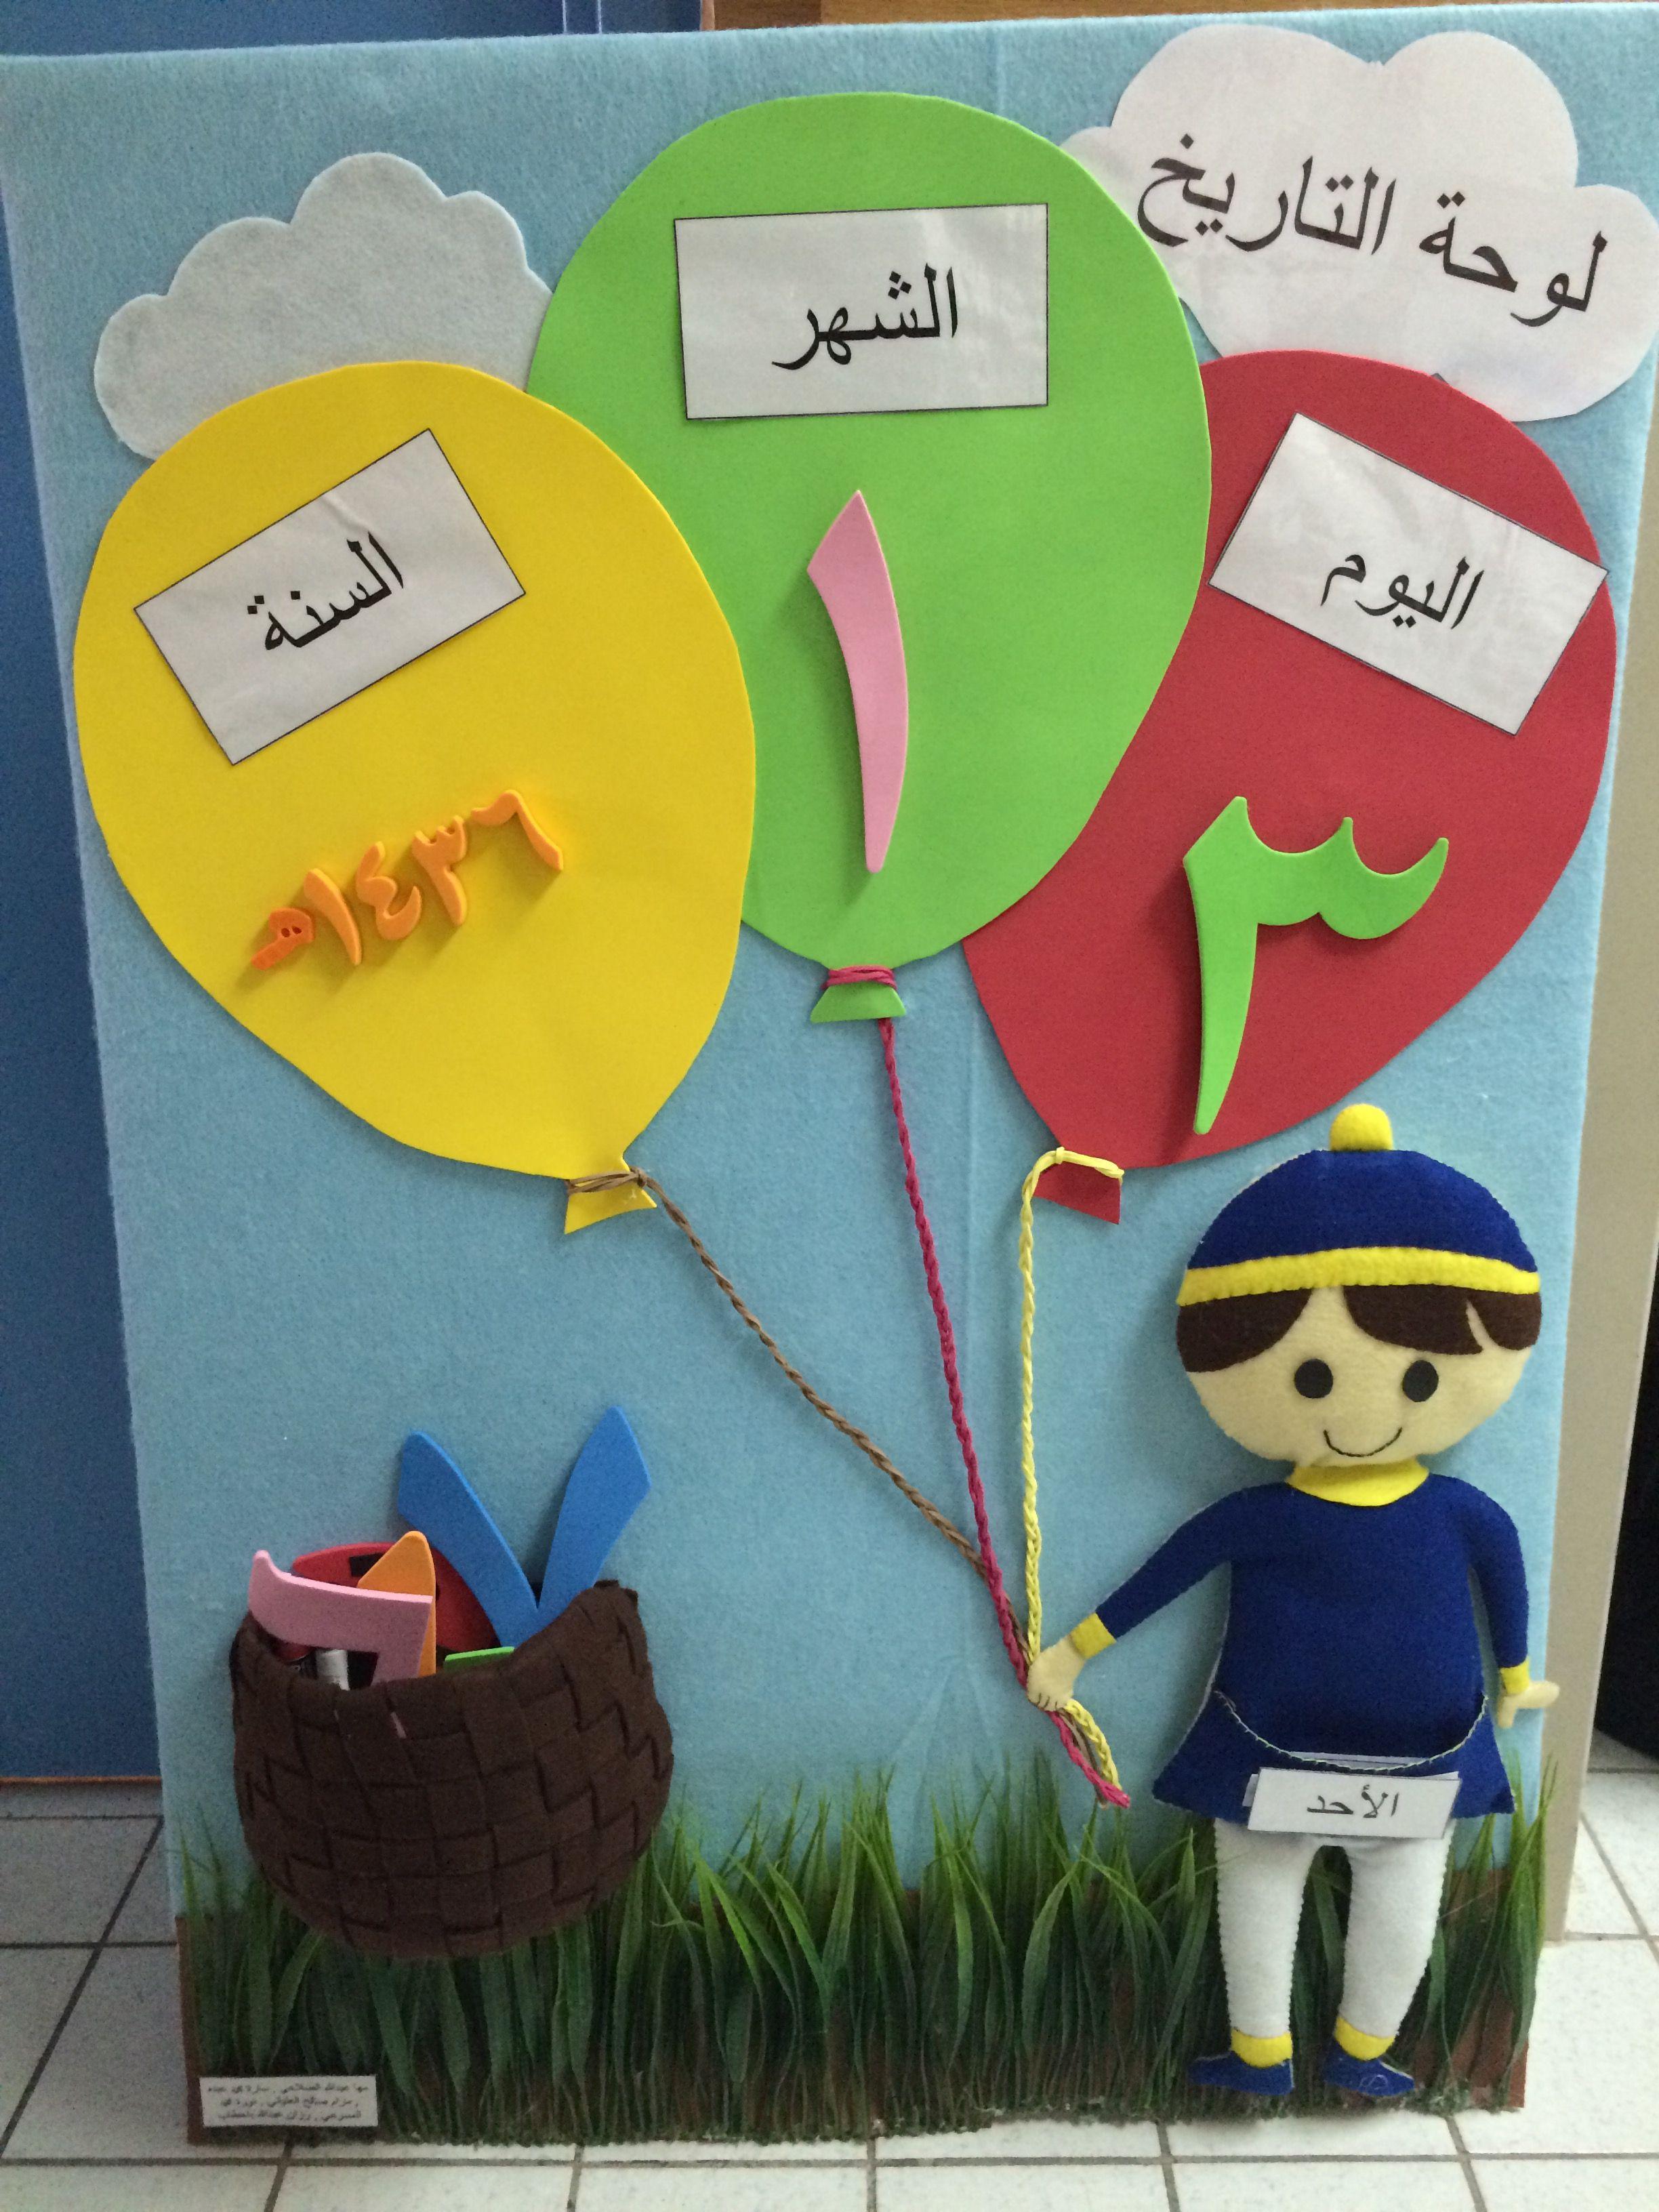 نوع اللوحة لوحة توضح تاريخ و أسم اليوم و الشهر و السنة الهجرية اسم اللوحة الإشارة لوح Islamic Kids Activities Art Display Kids Arabic Alphabet For Kids